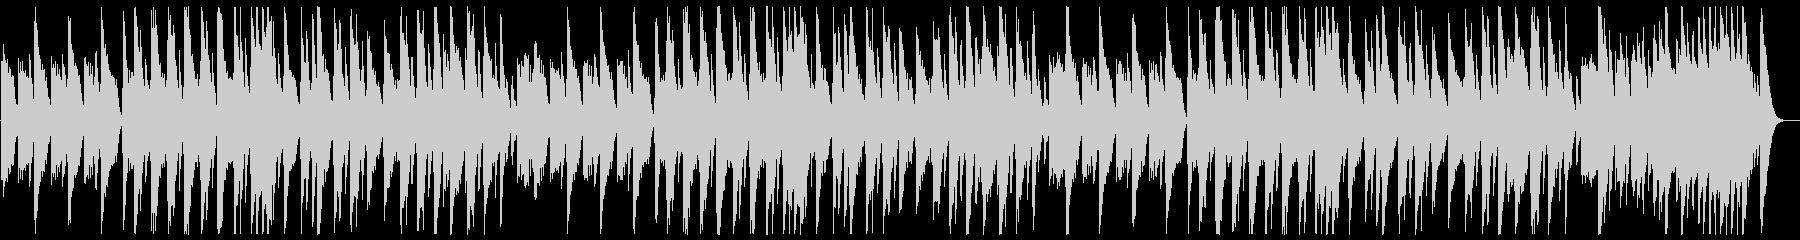 優しい甘いゆっくりなオルゴールの曲の未再生の波形